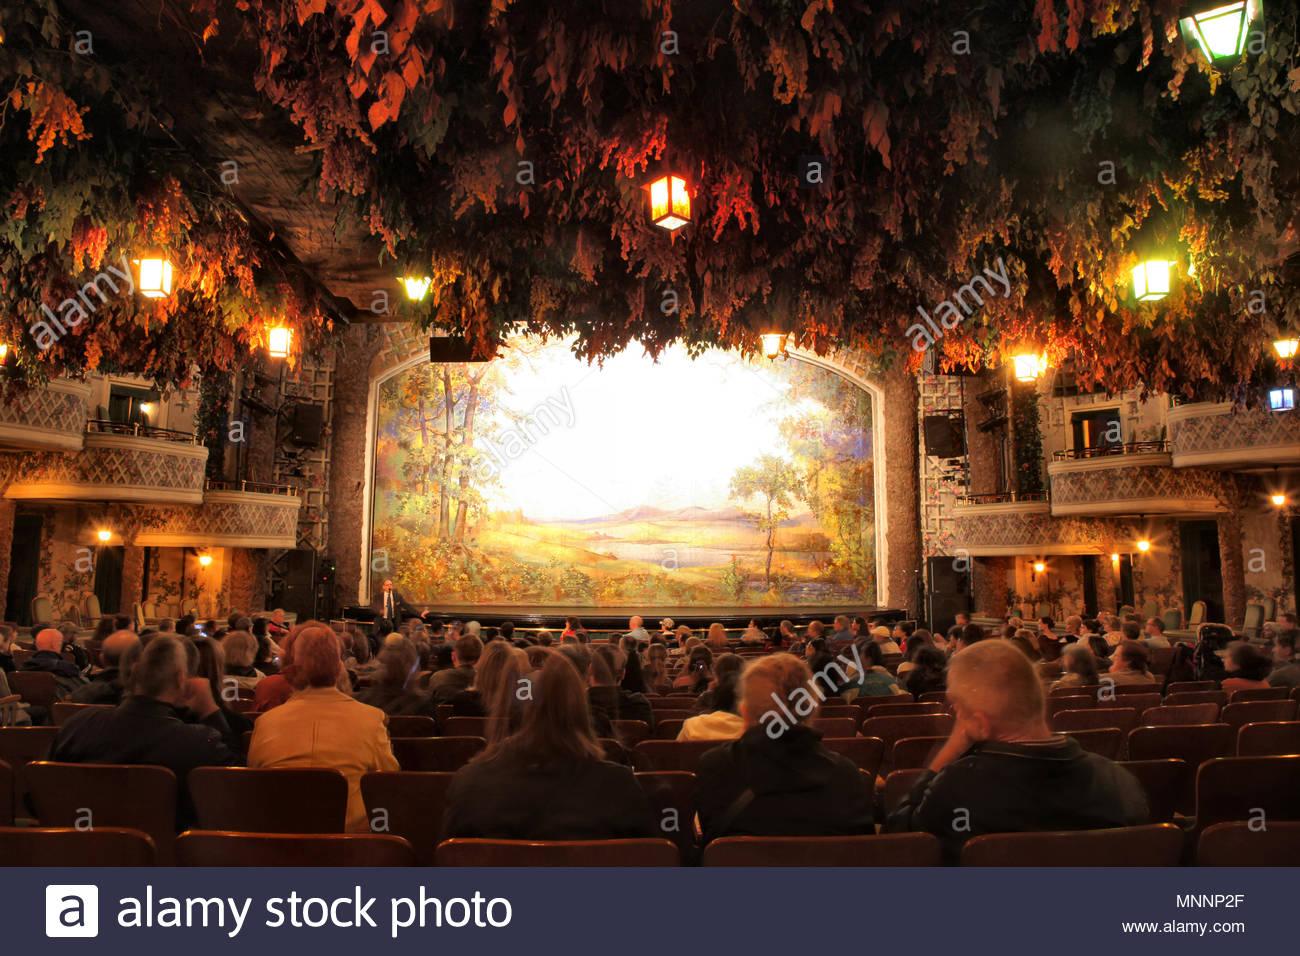 Innere Der Historischen Winter Garden Theatre Die Elgin Und